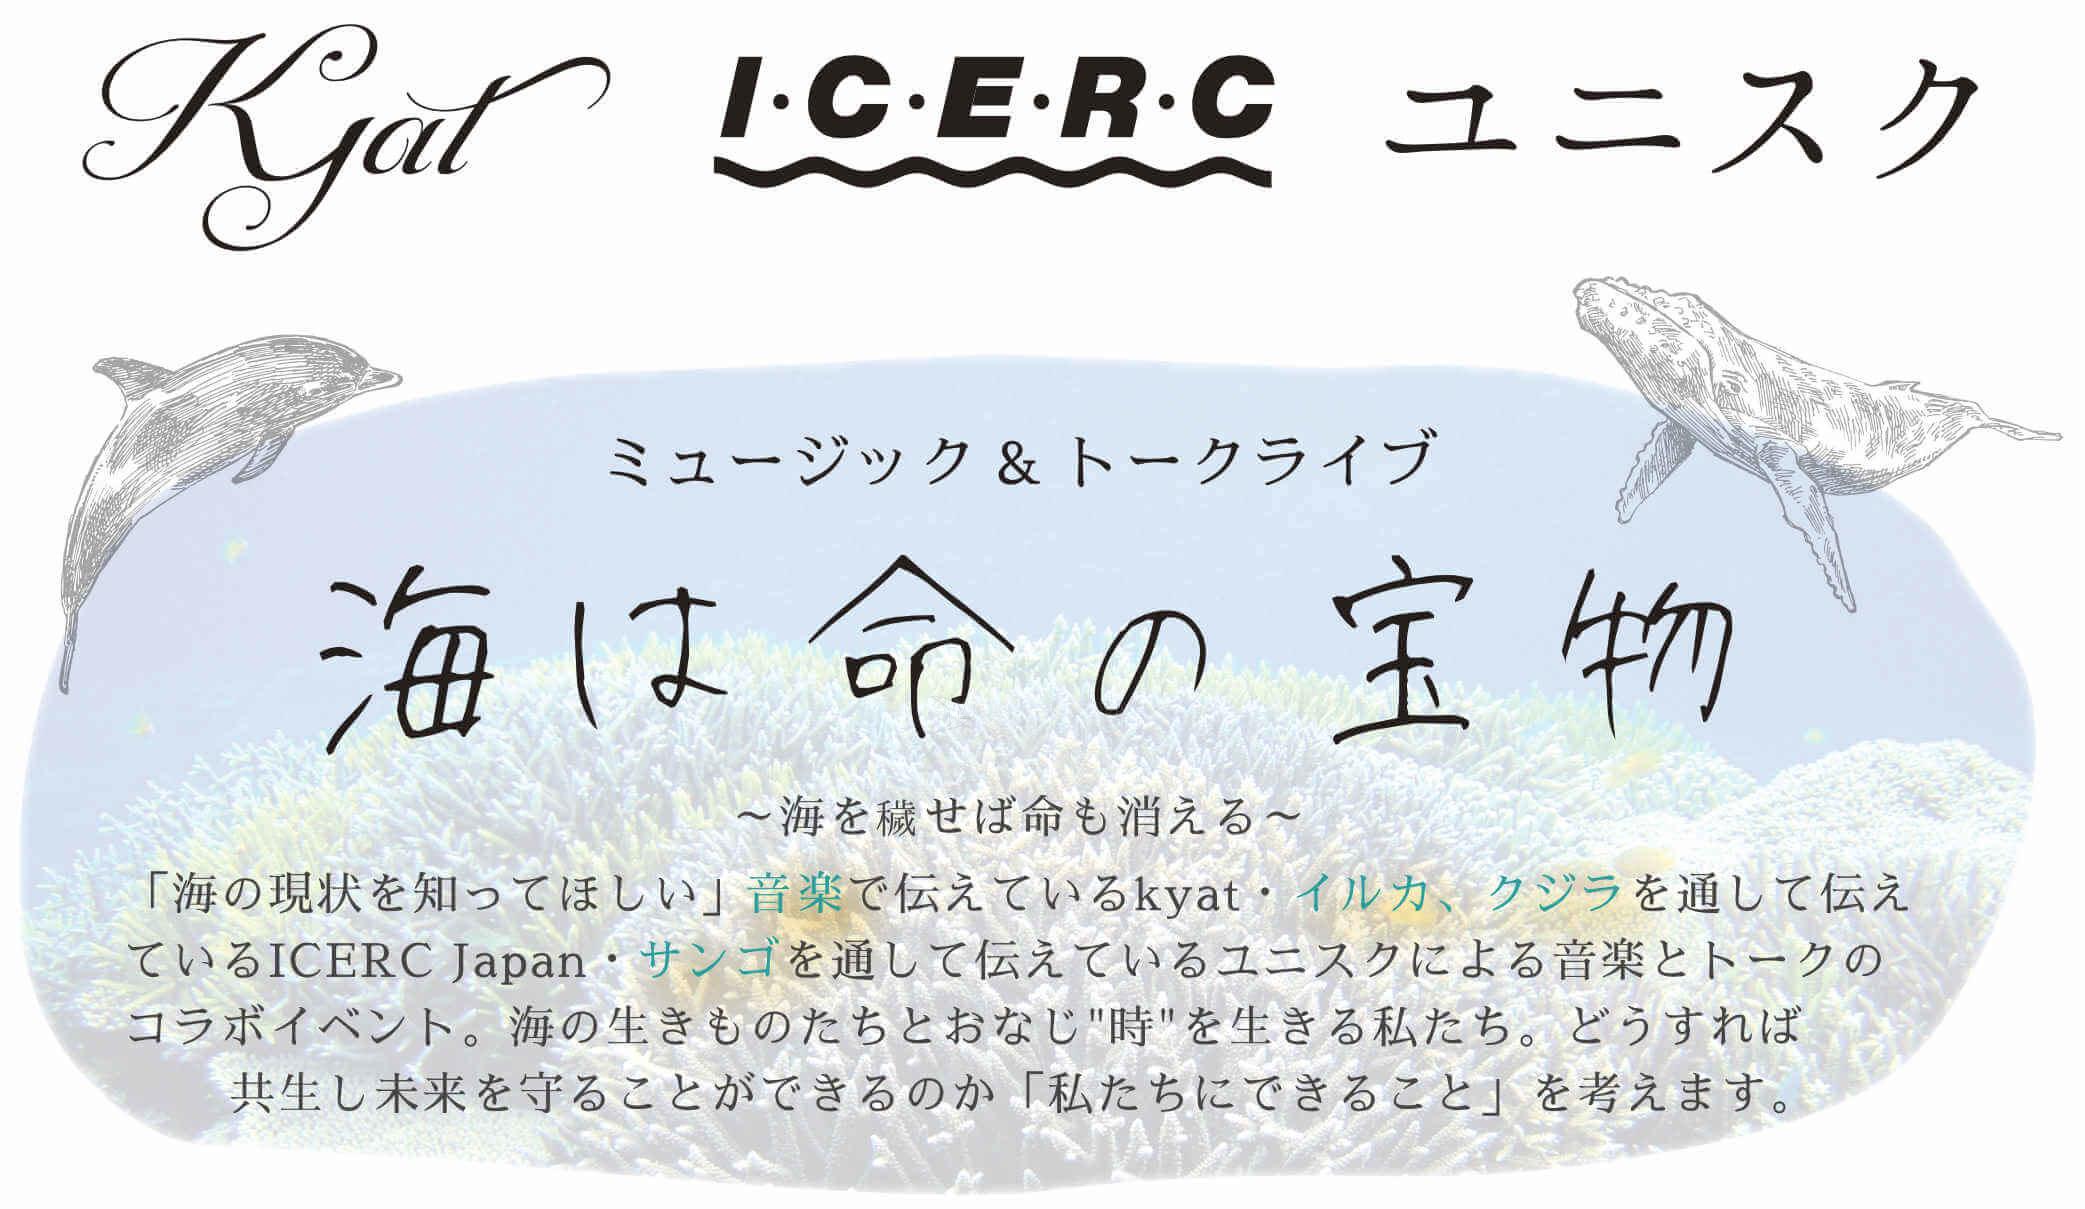 2020 沖縄のサンゴのイベントを東京で [ 海は命の宝物 ]